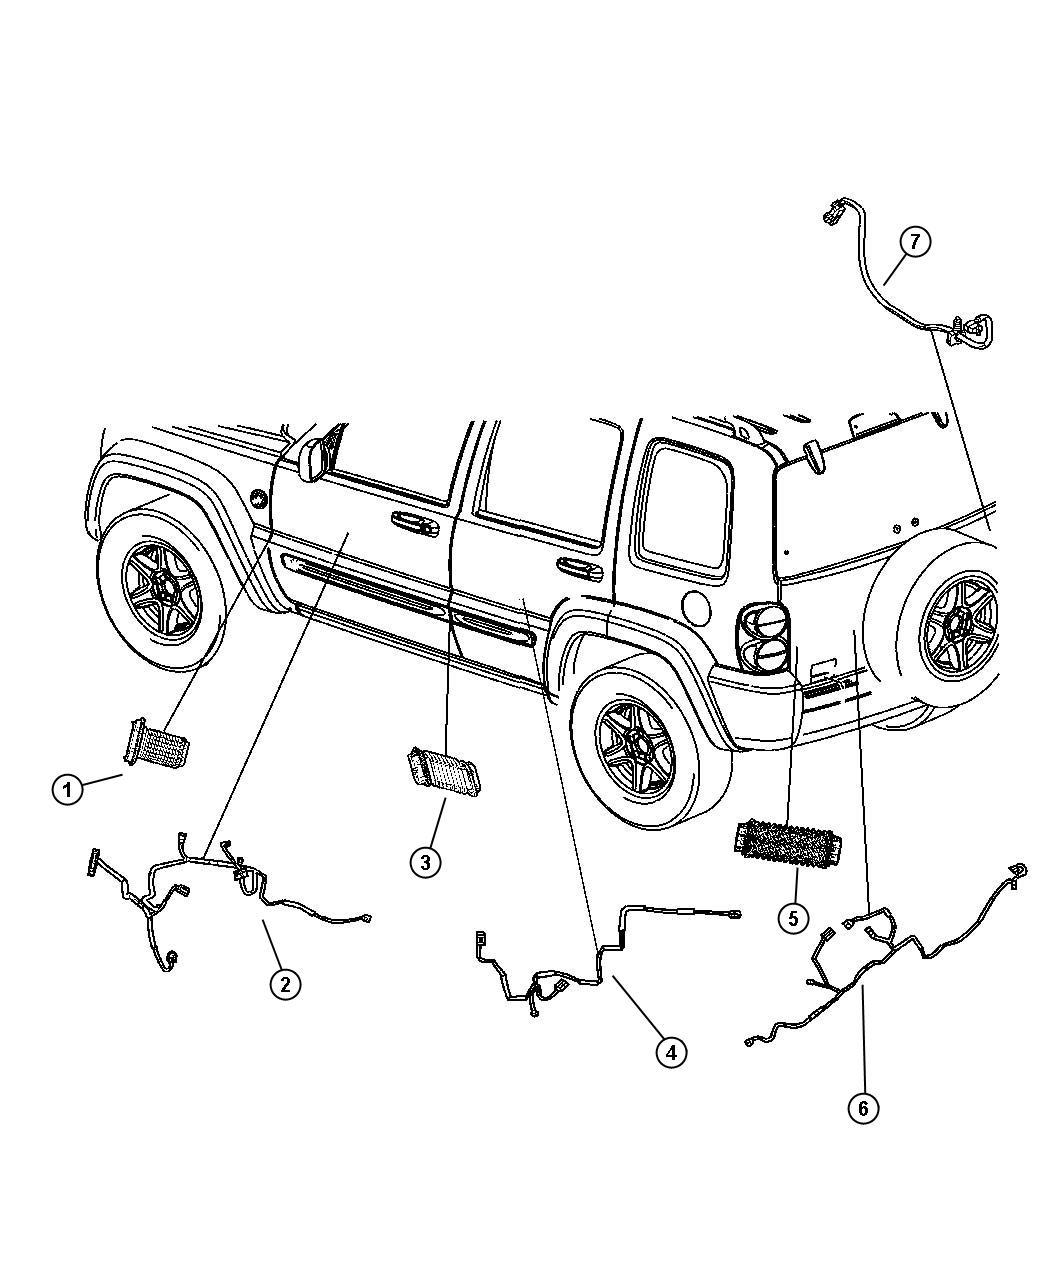 Jeep Commander Body Parts Diagram